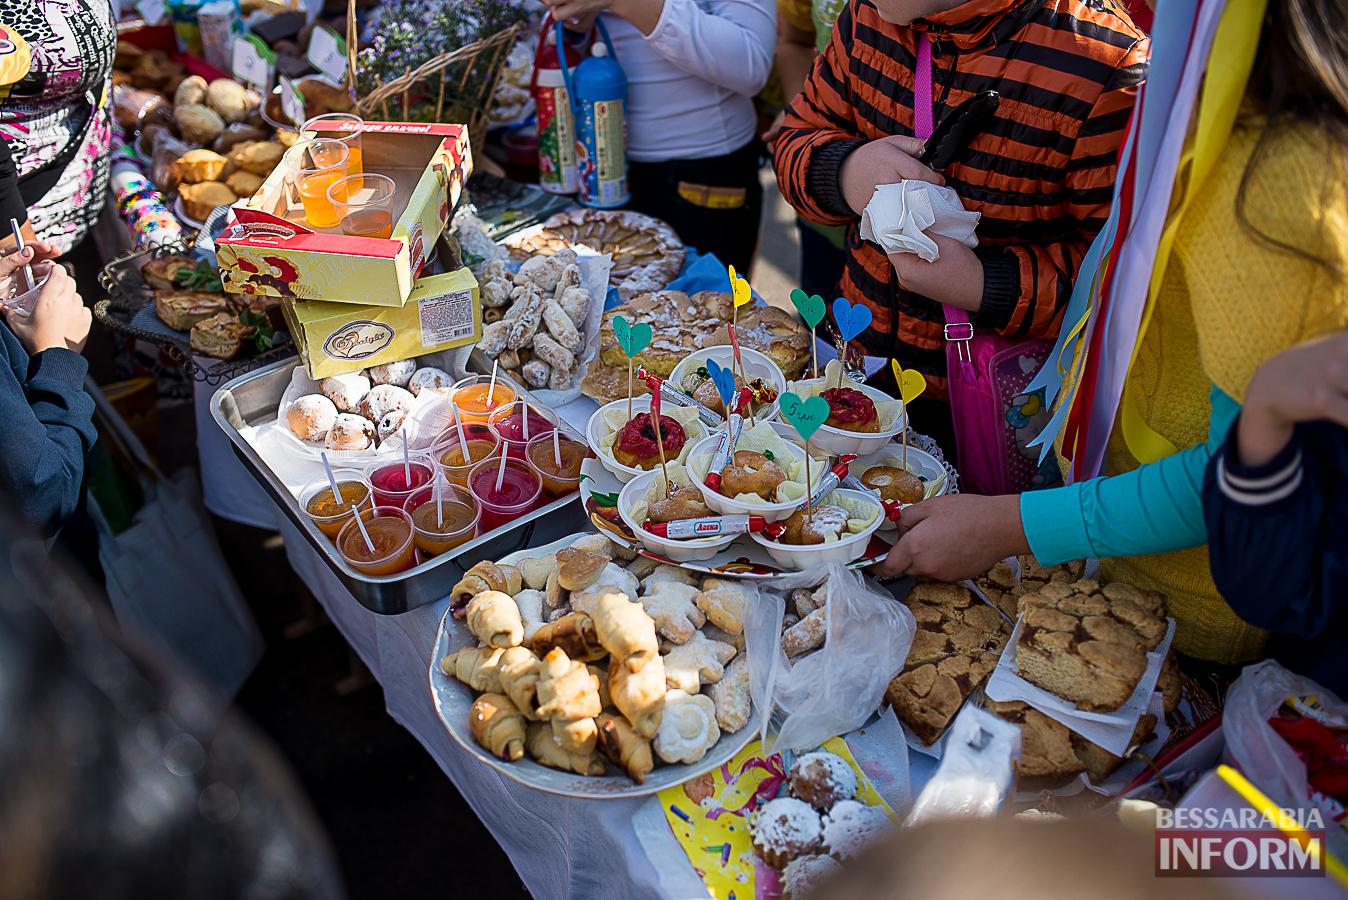 SME_0104 Измаил: в ОШ №16 прошла благотворительная сладкая ярмарка (фото)